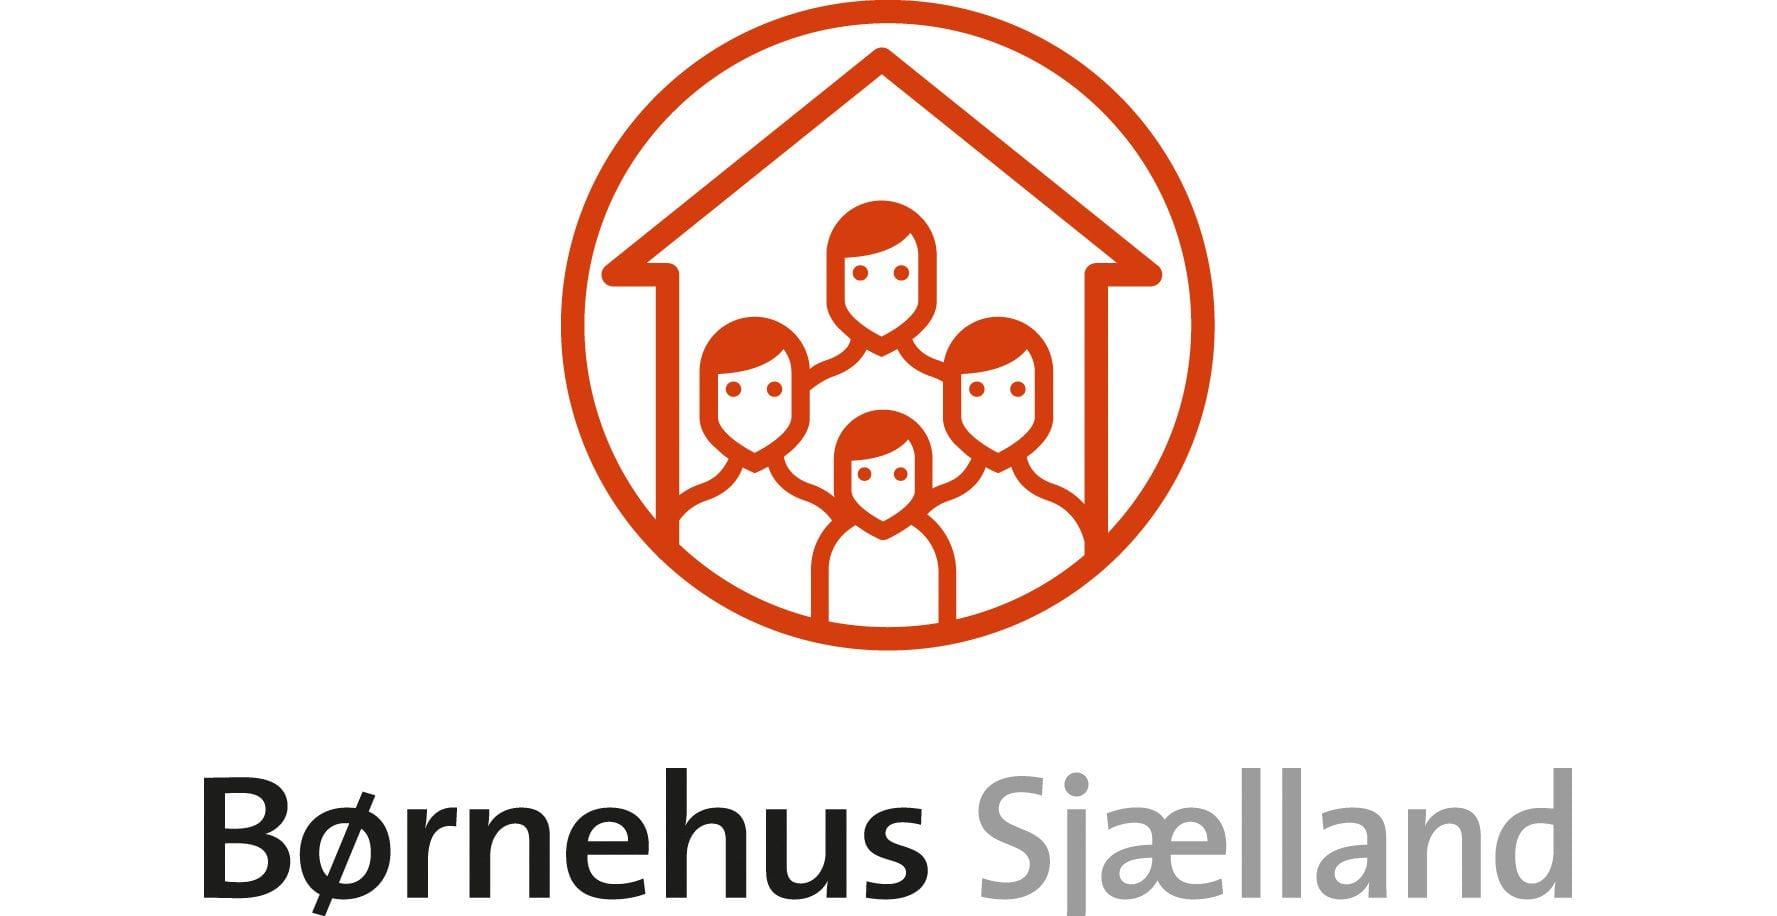 Børnehus Sjælland logo